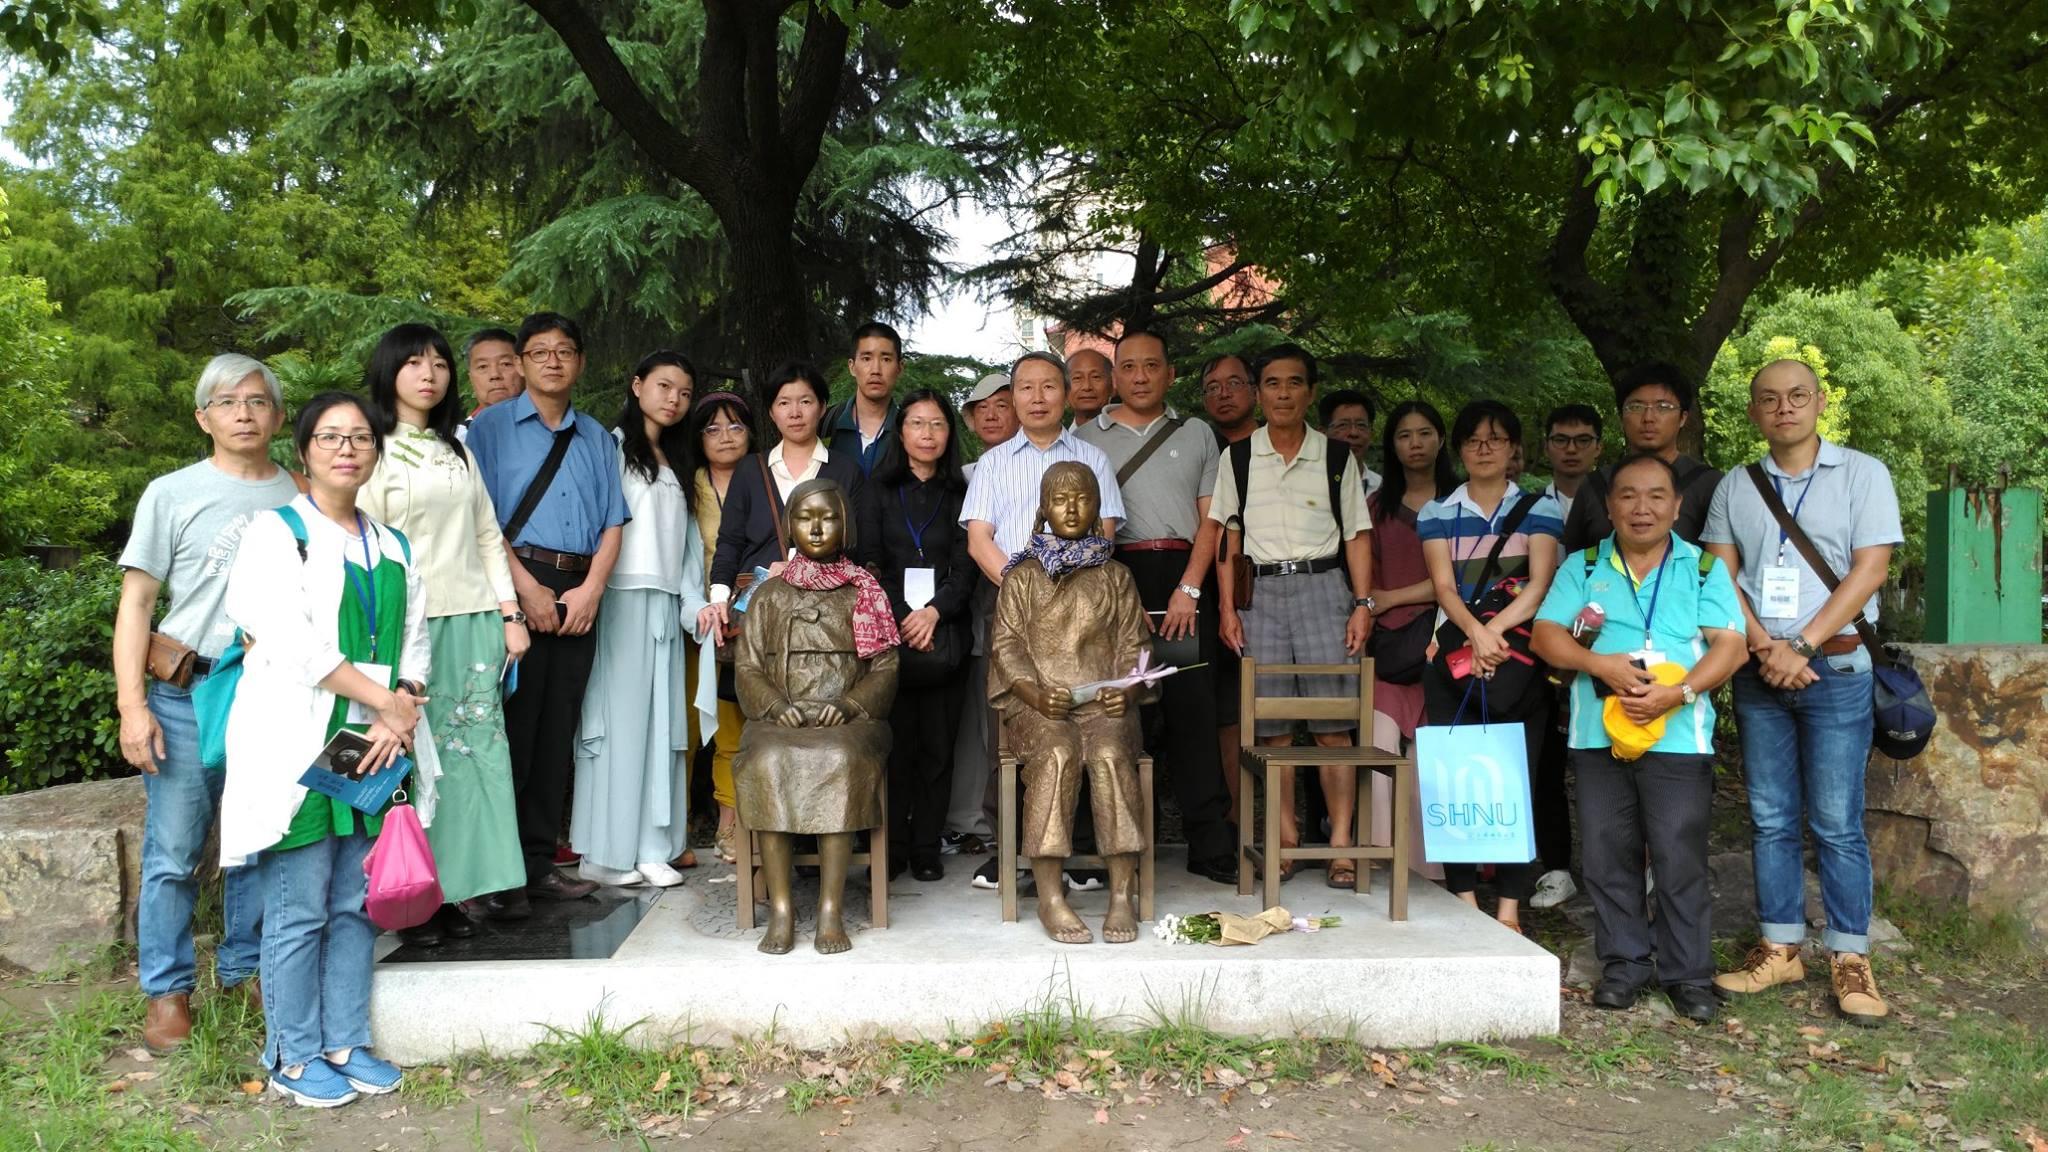 親臨南京上海歷史現場 上了震撼教育的一課